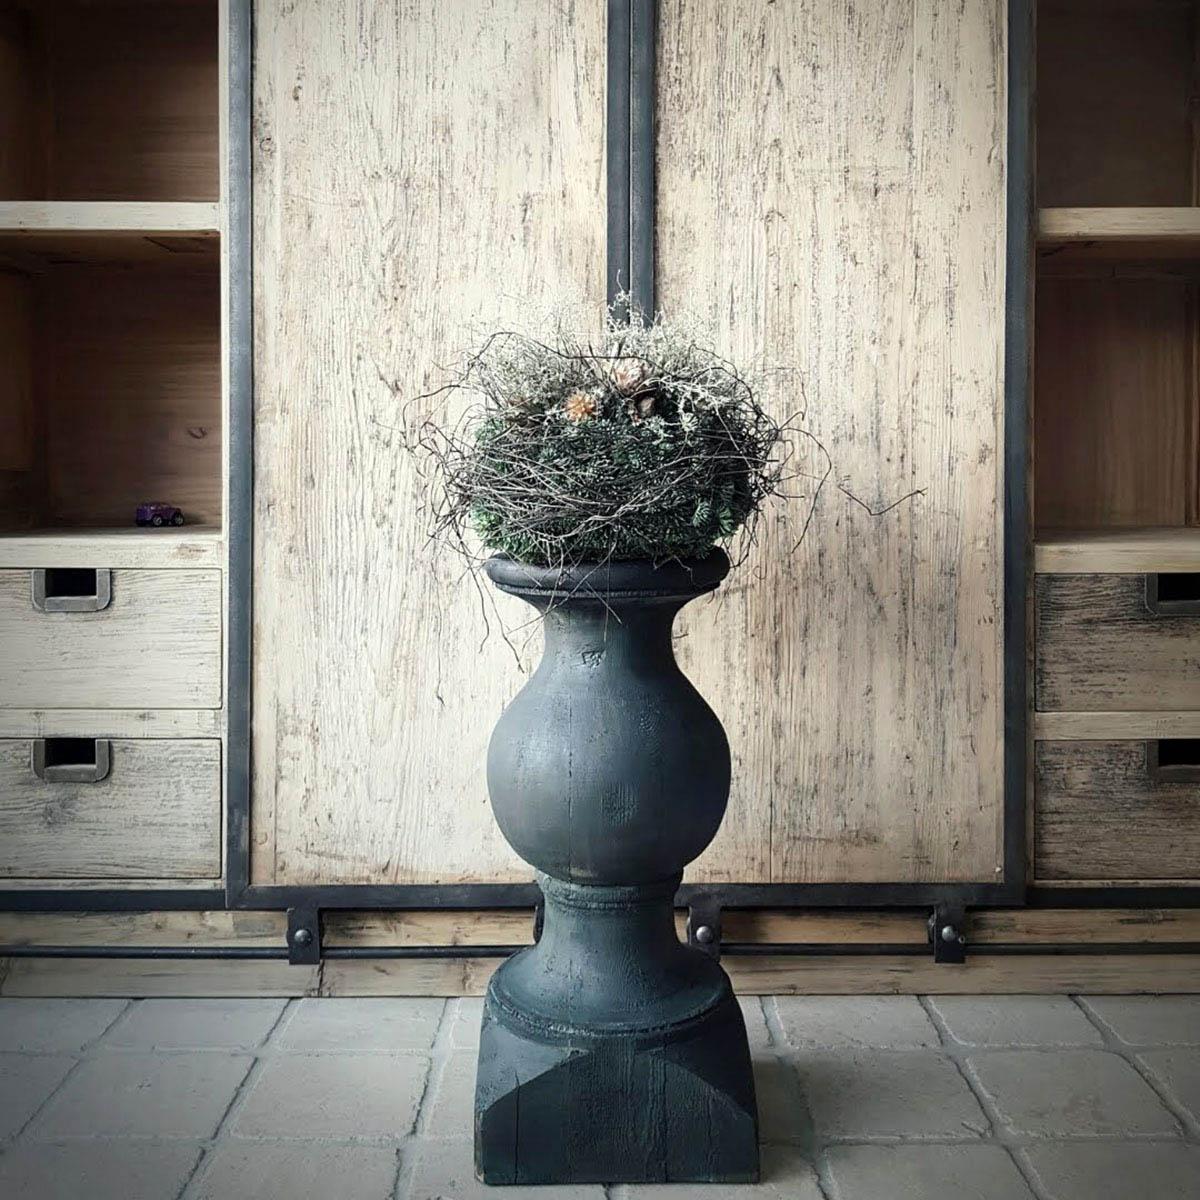 Afbeelding van baluster antraciet olijfgroen met op achtergrond kast voor galerij Antérieur Authentique webshop